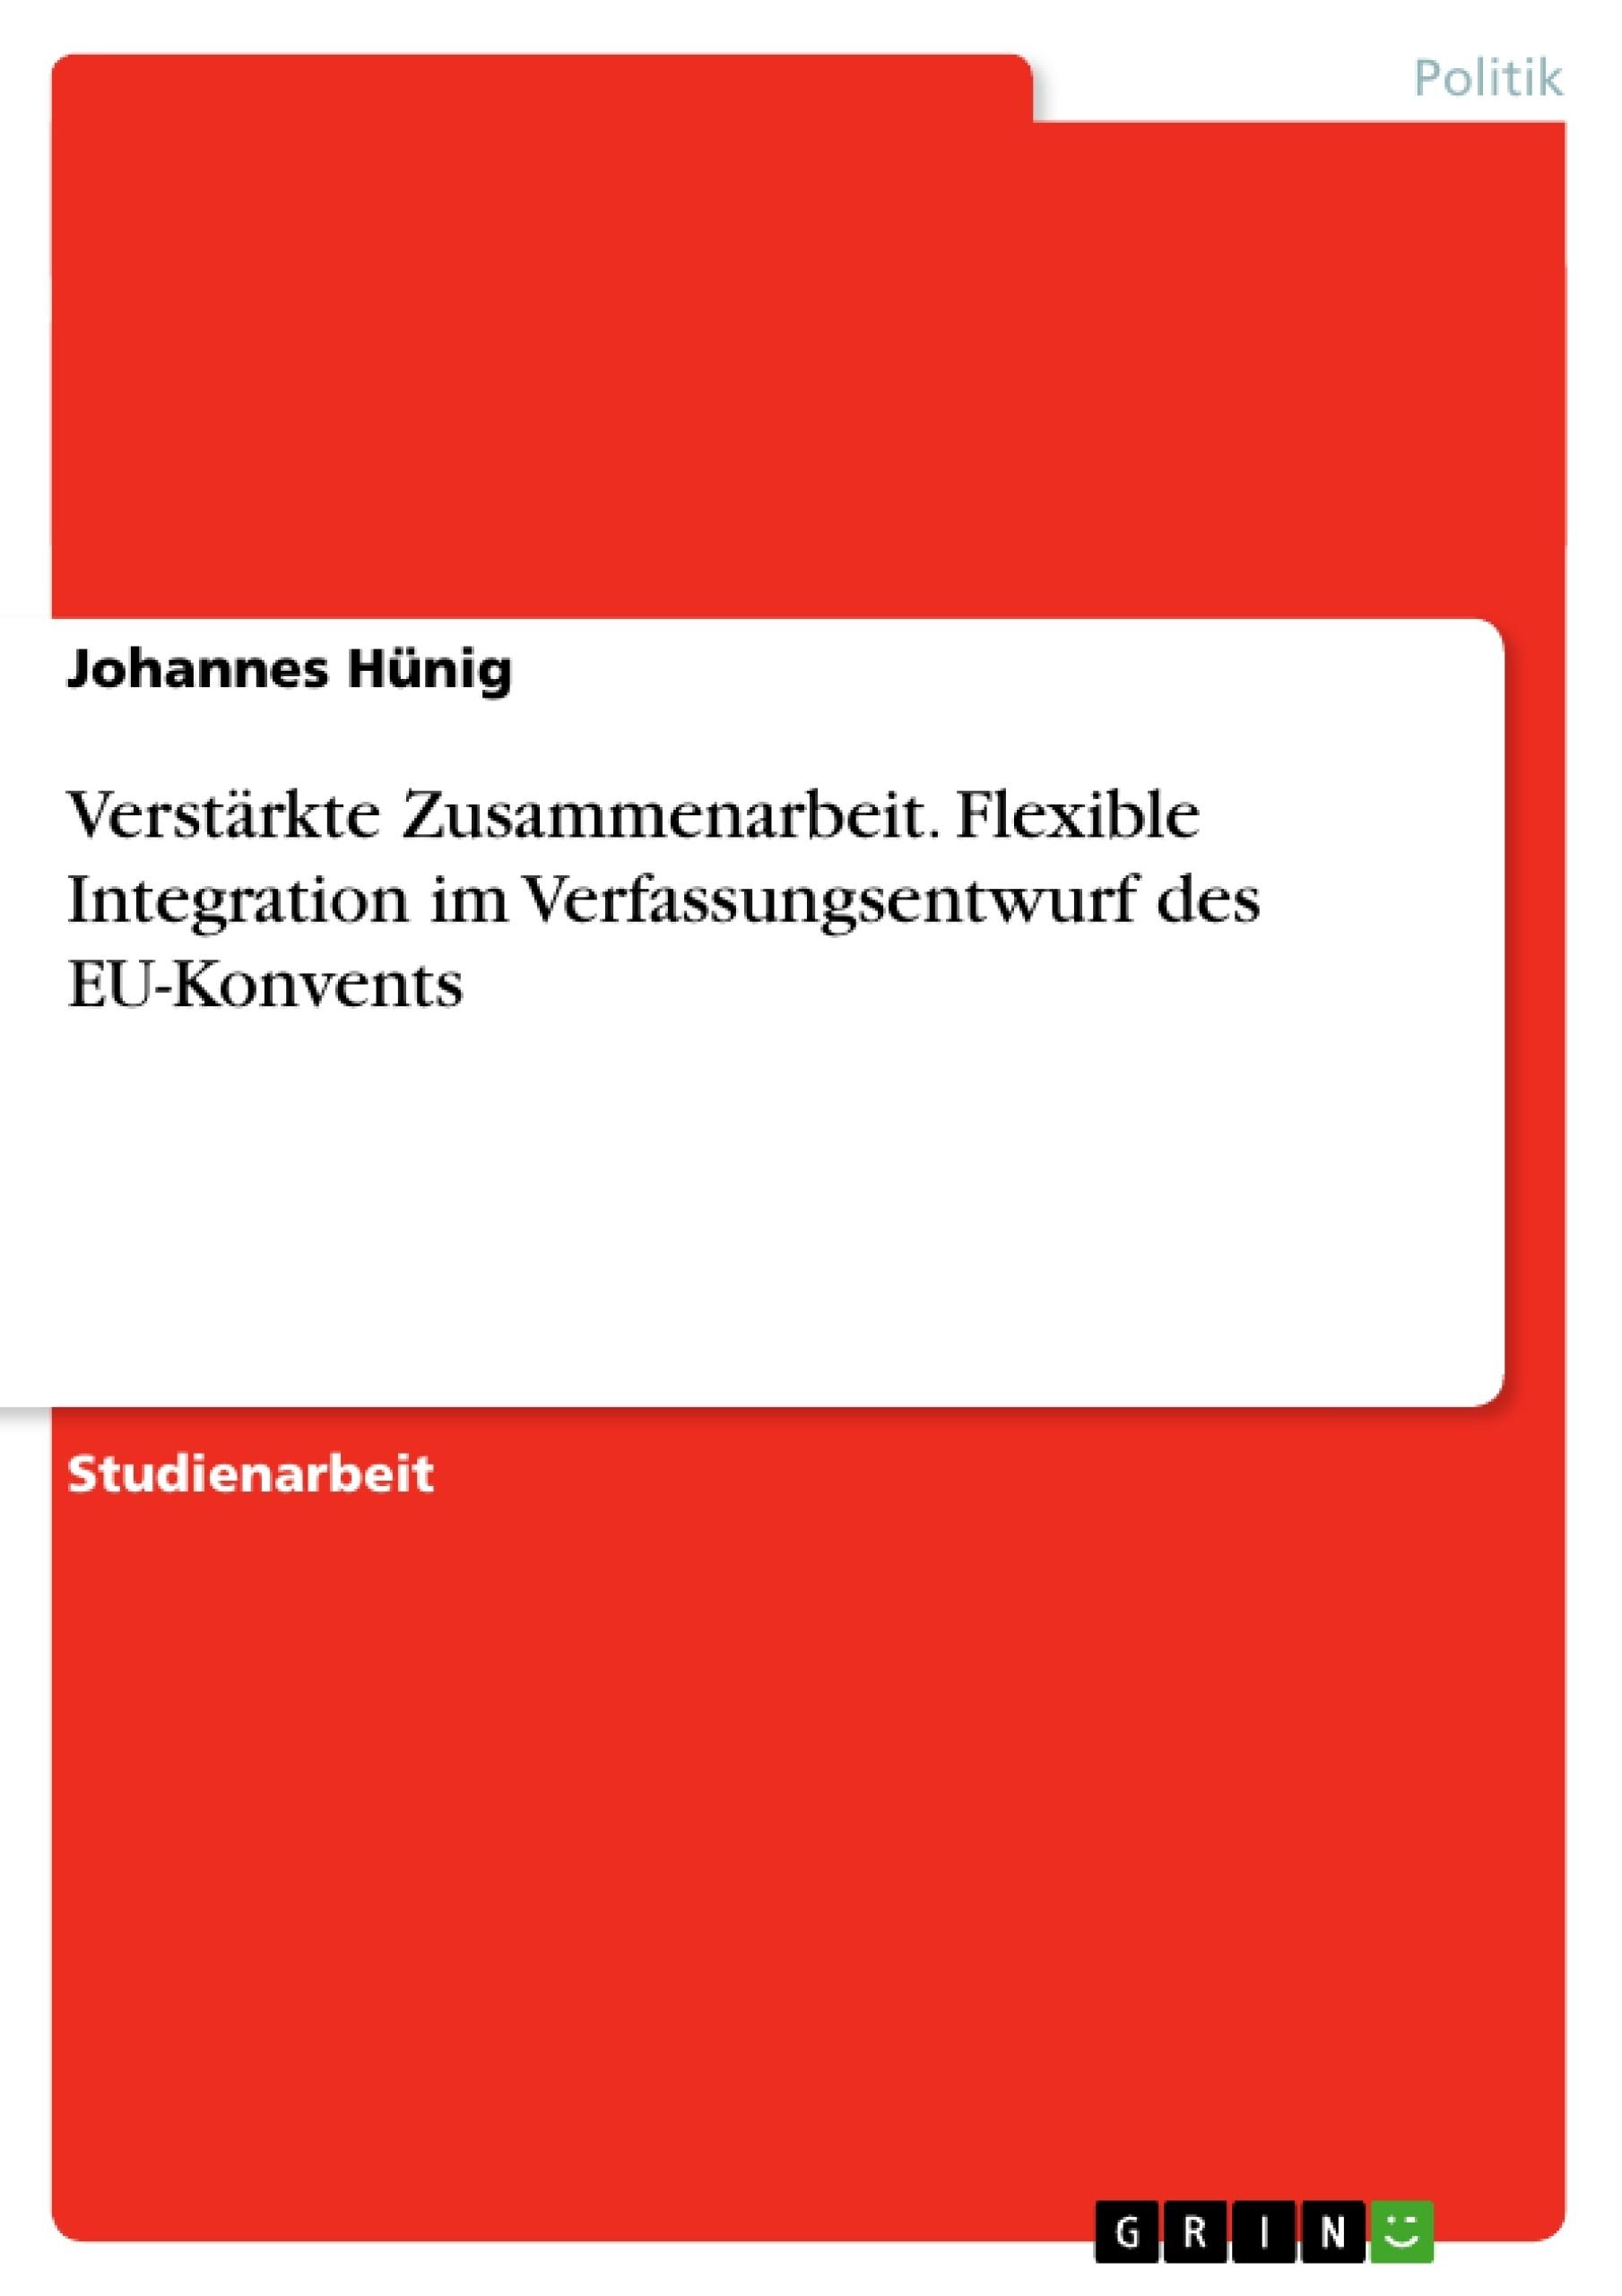 Titel: Verstärkte Zusammenarbeit. Flexible Integration im Verfassungsentwurf des EU-Konvents